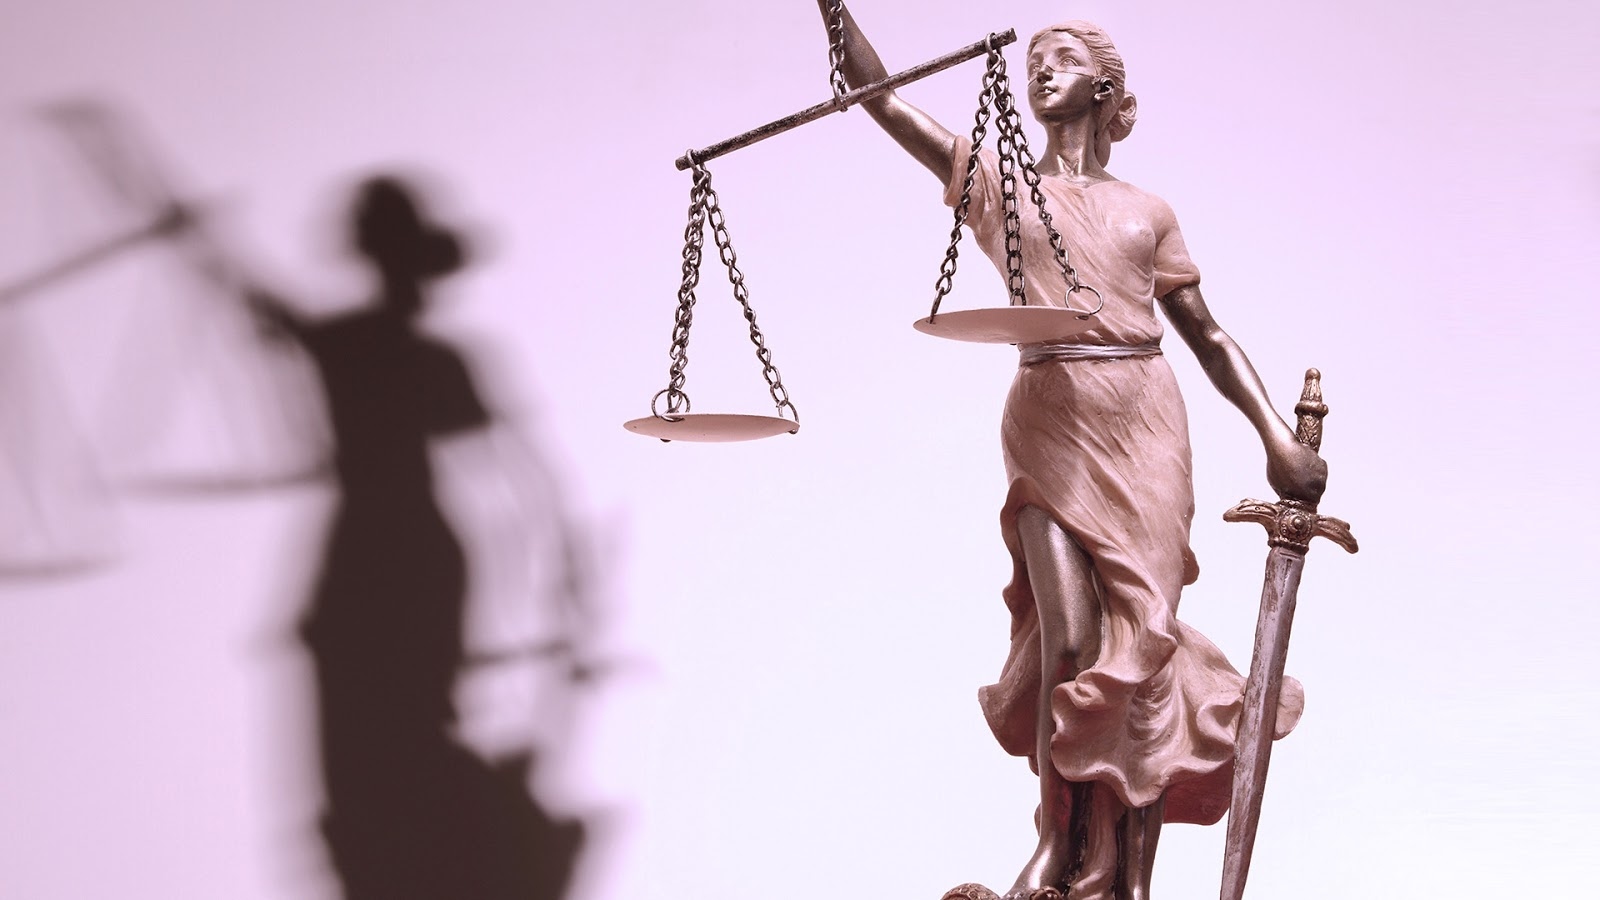 adalet mulkun temelidir icimdeki kaos